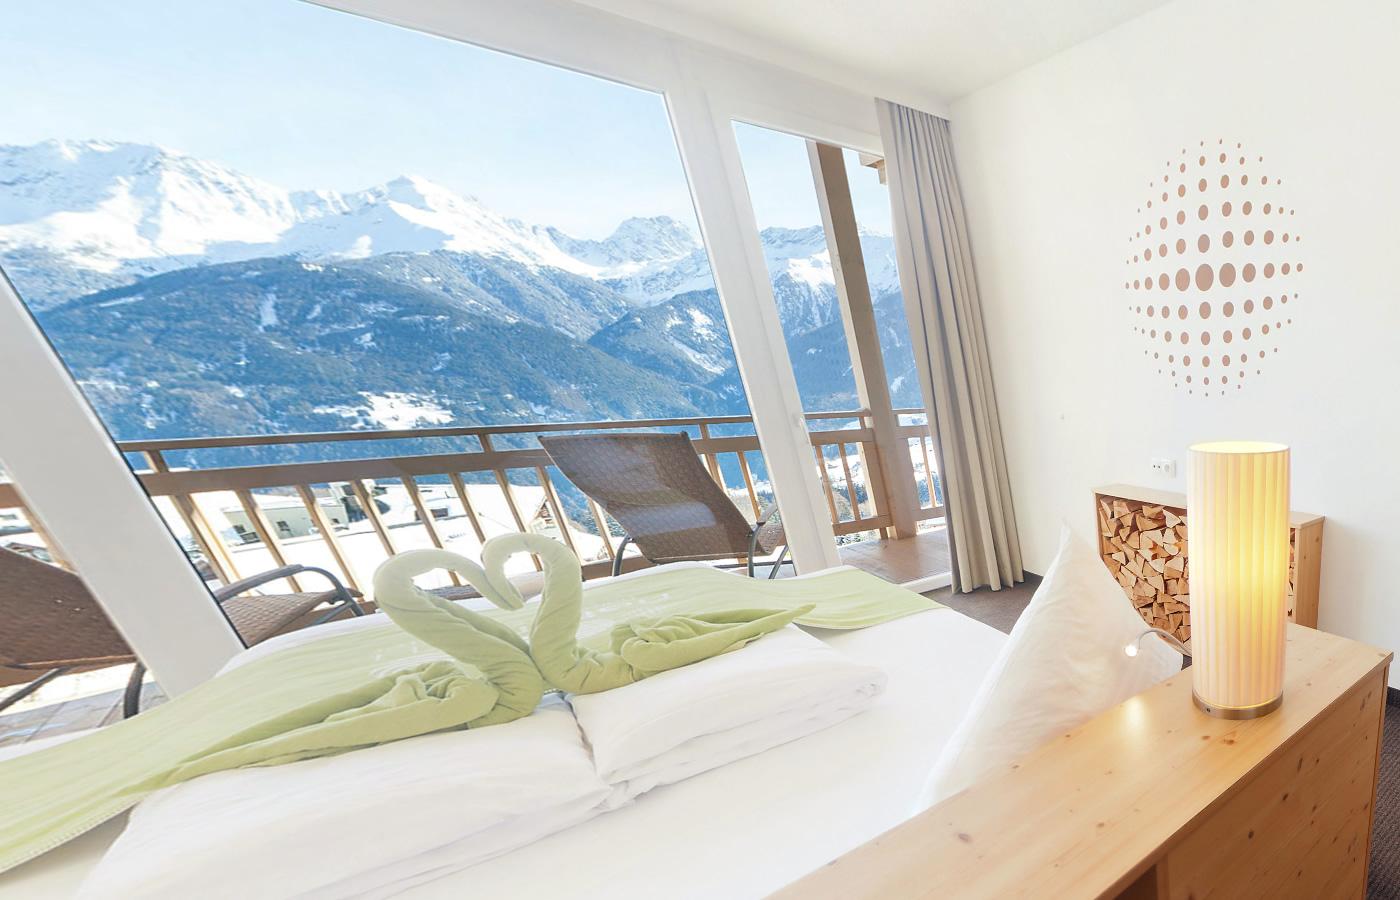 Hotel-Zimmer Aussicht. Komfortzimmer im Natürlich. Hotel in Serfaus-Fiss-Ladis.